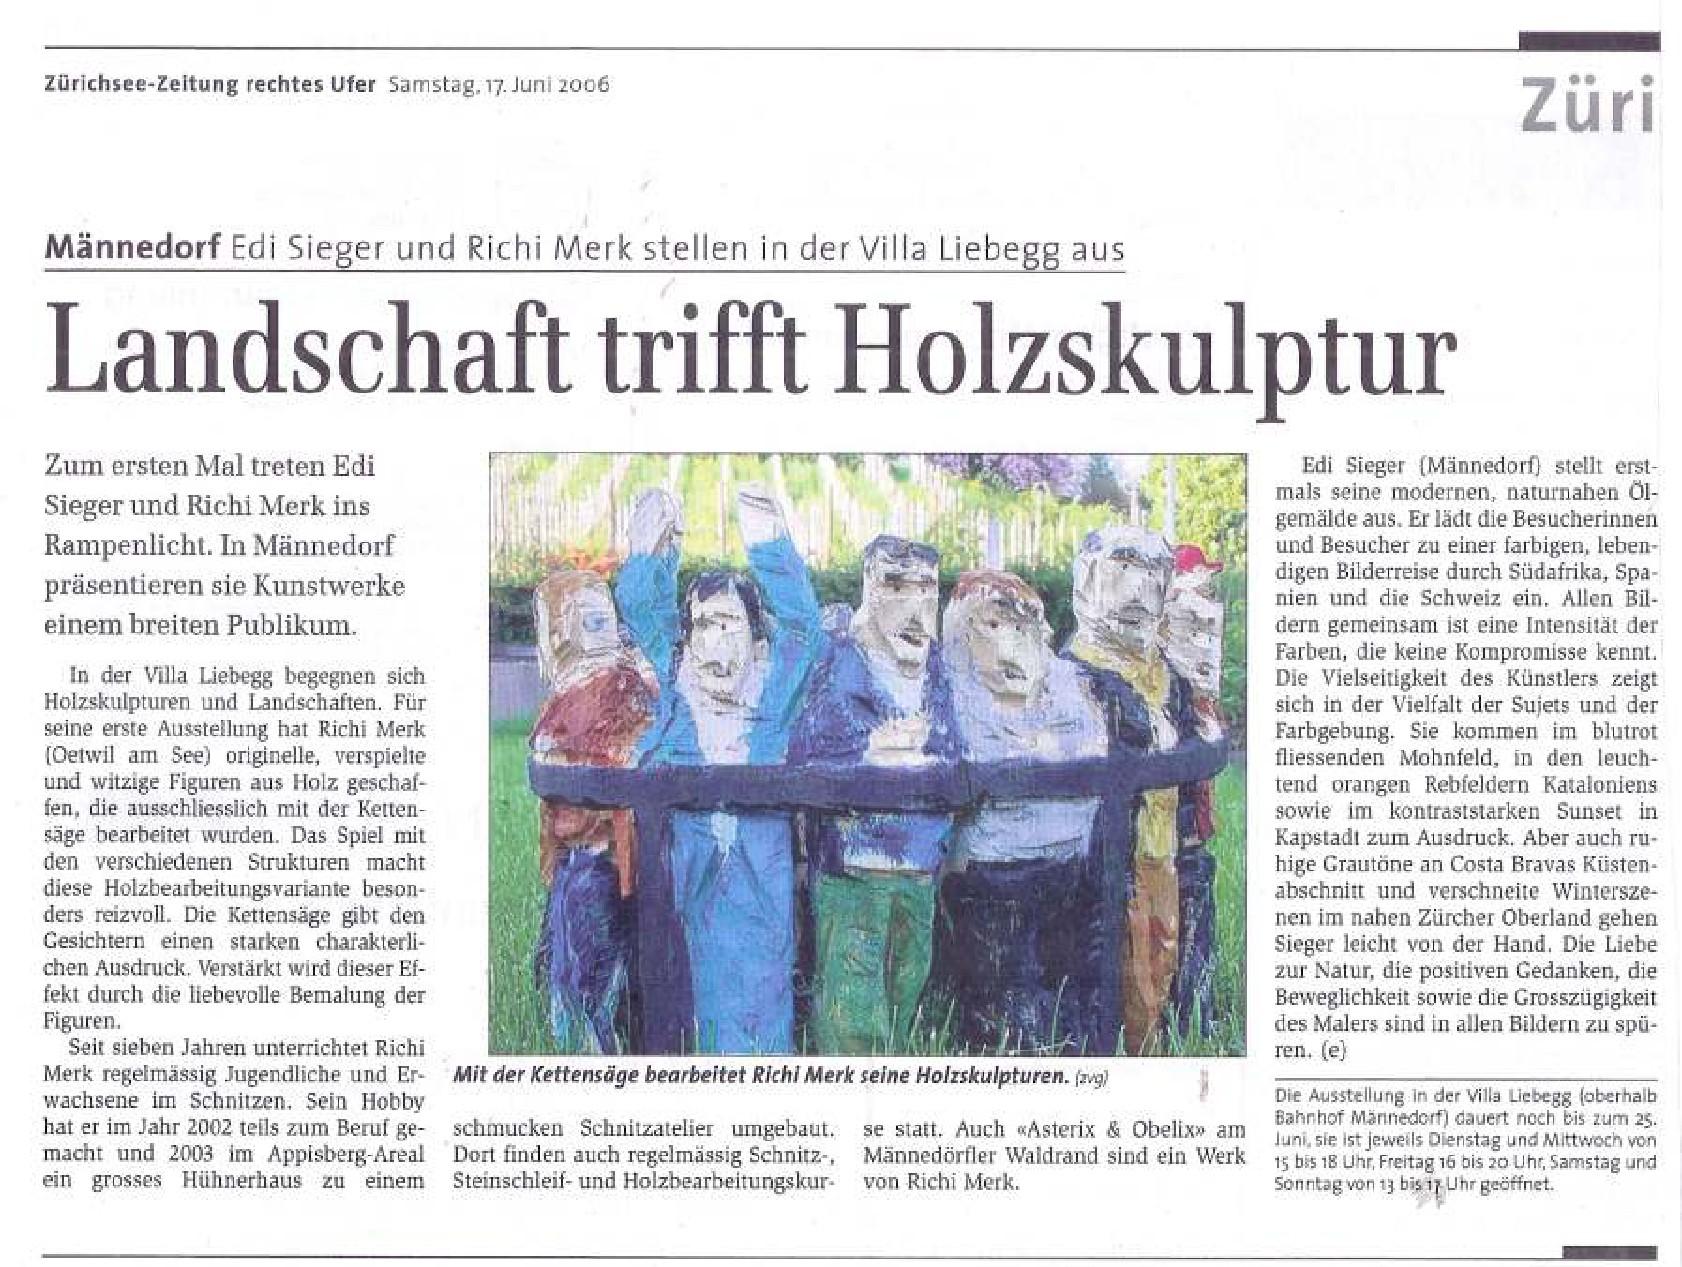 Zürichsee-Zeitung 17. Juni 2006